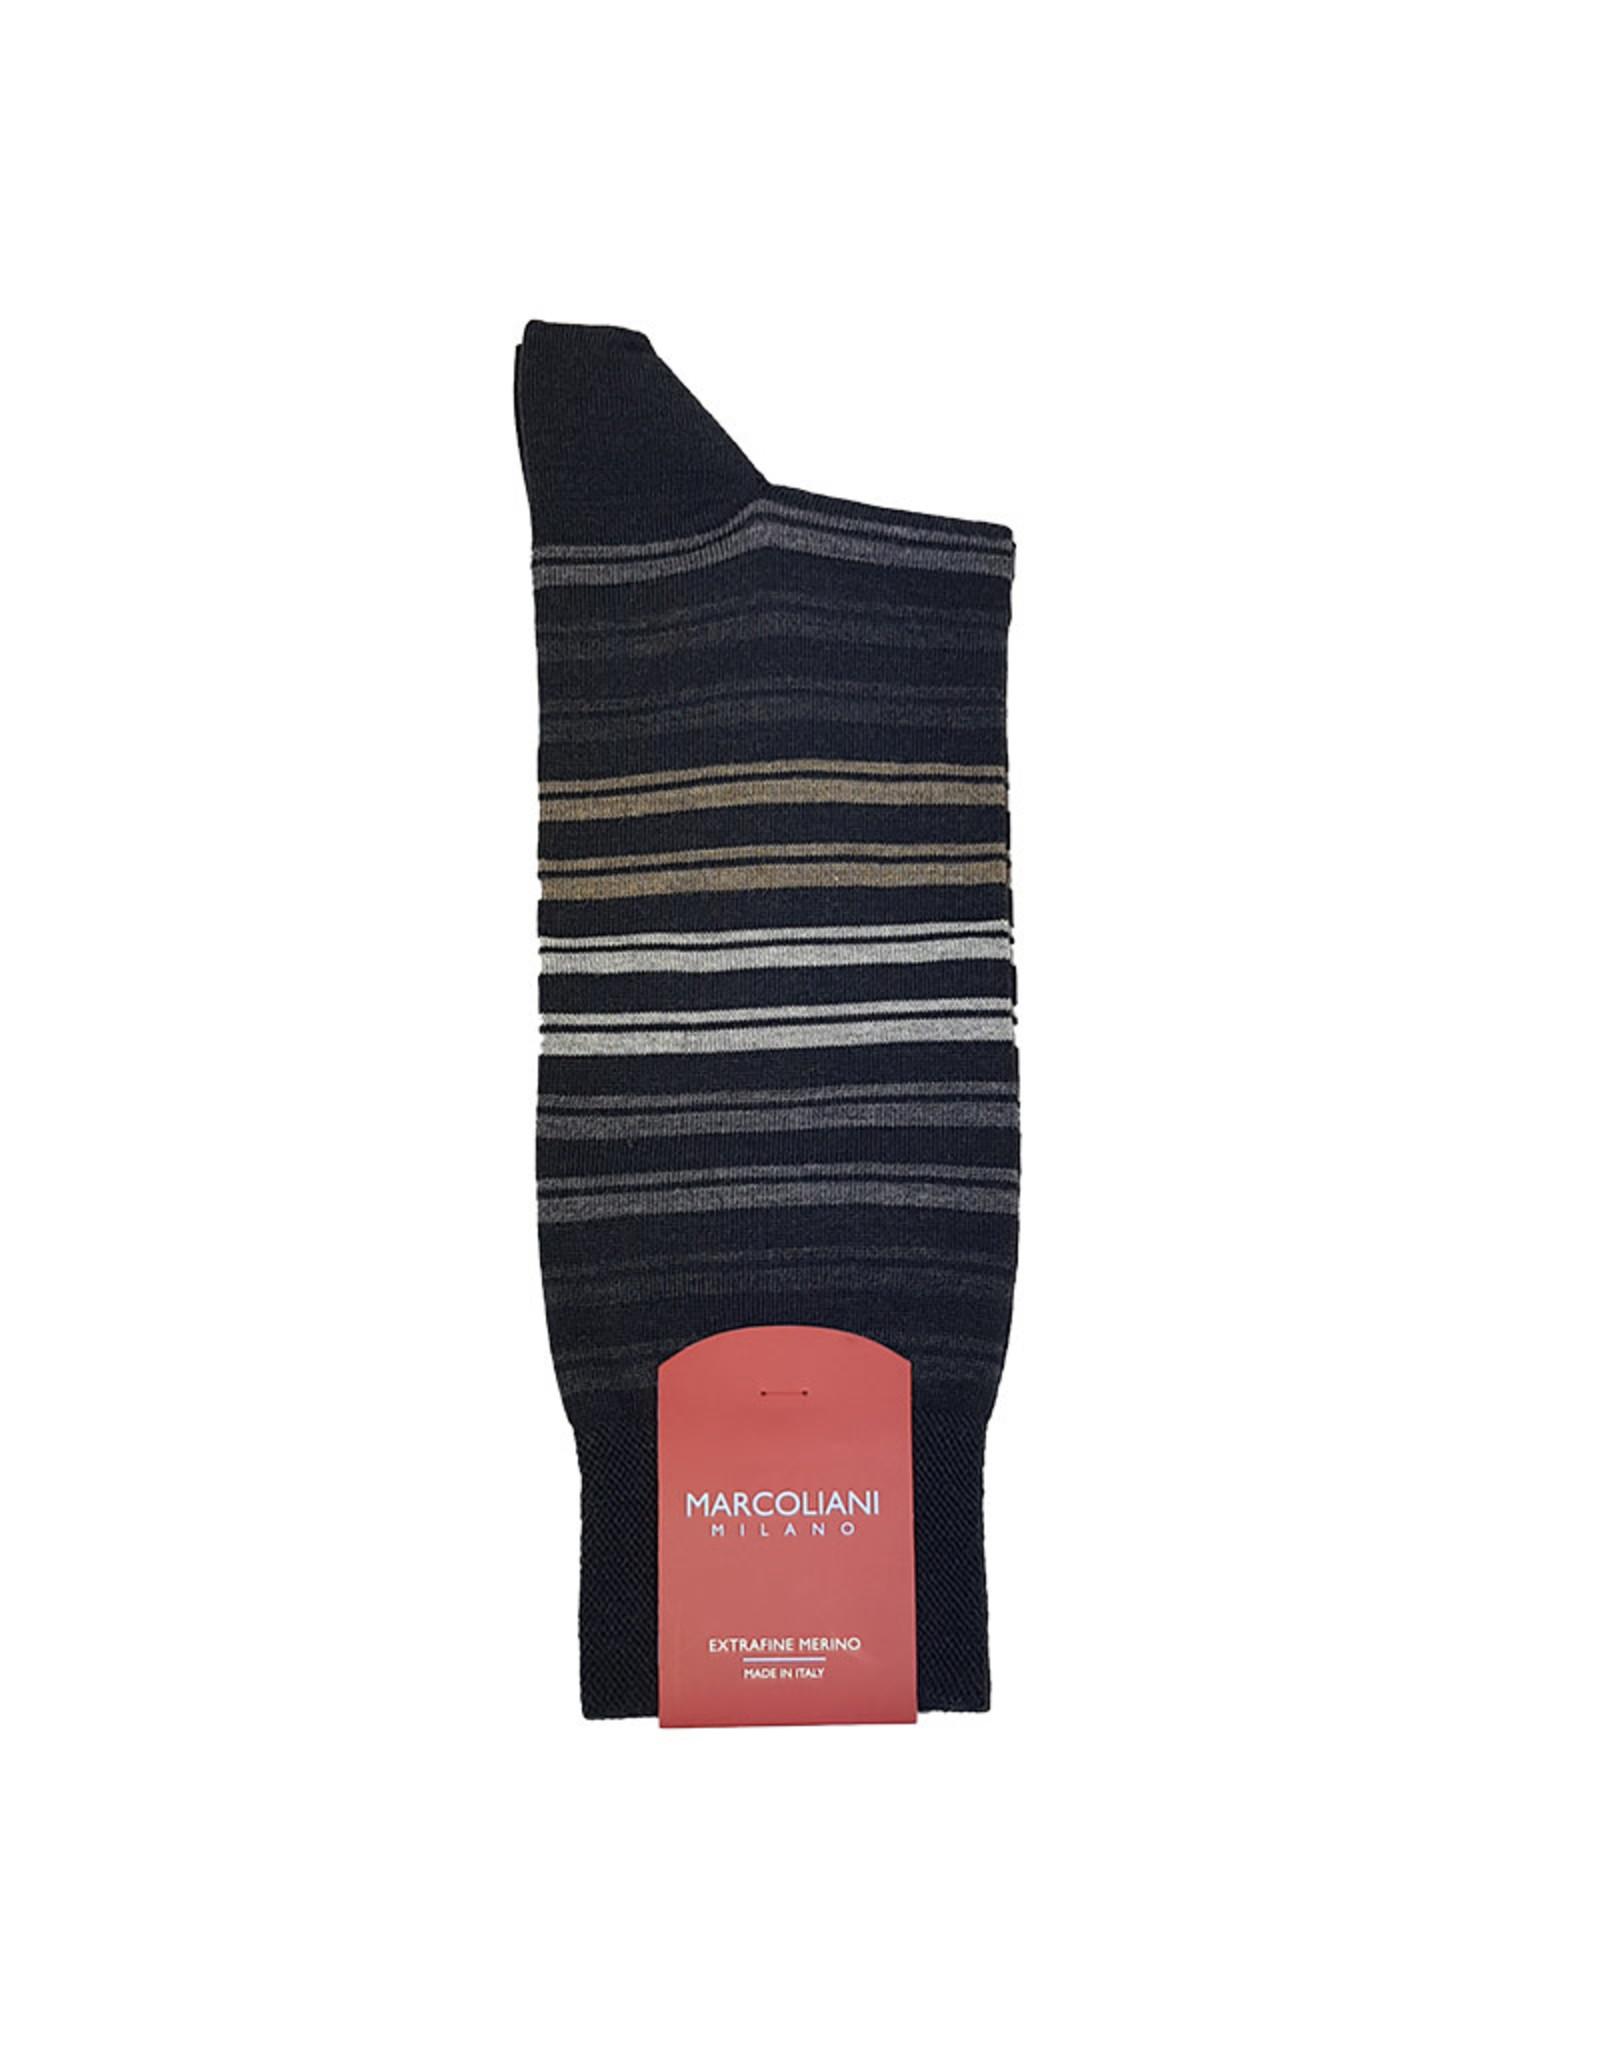 Marcoliani Marcoliani sokken grijs 3941T/004